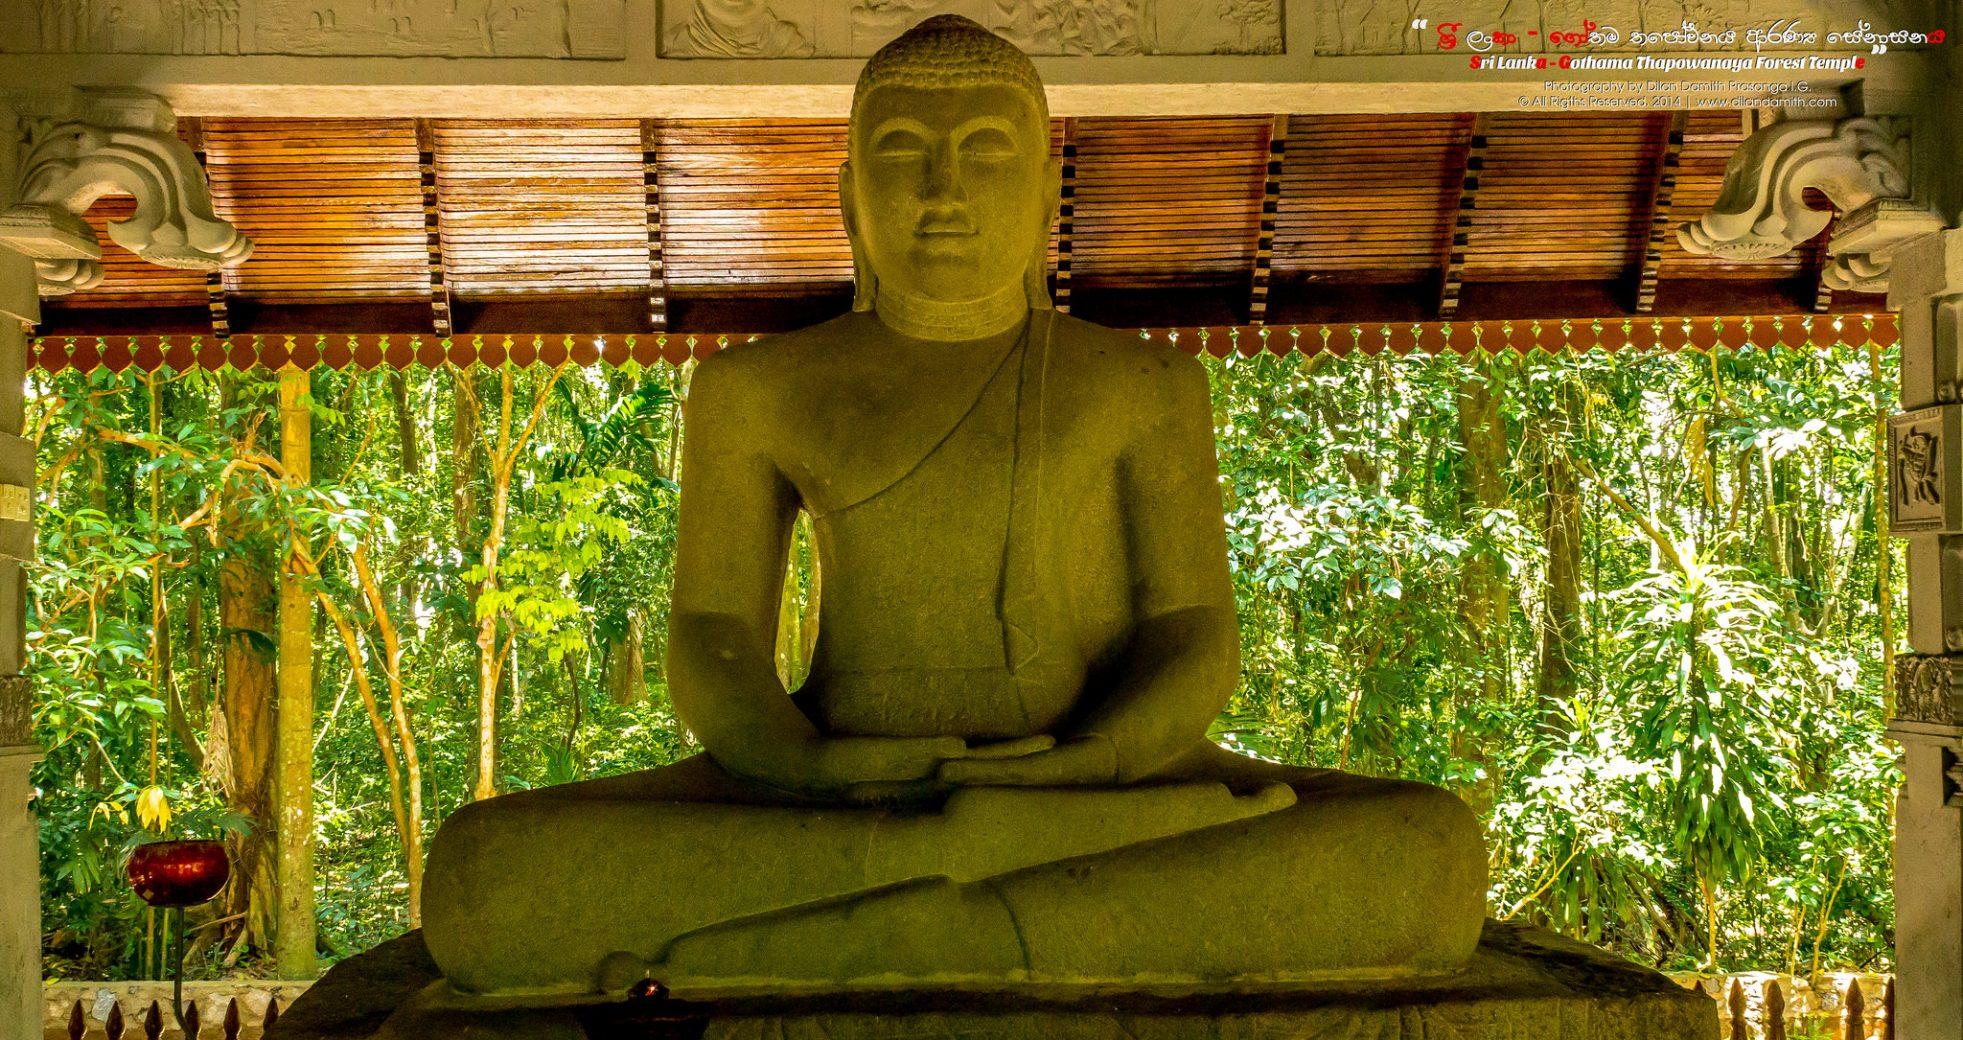 Le bouddhisme : un possible chemin  pour atteindre le bonheur